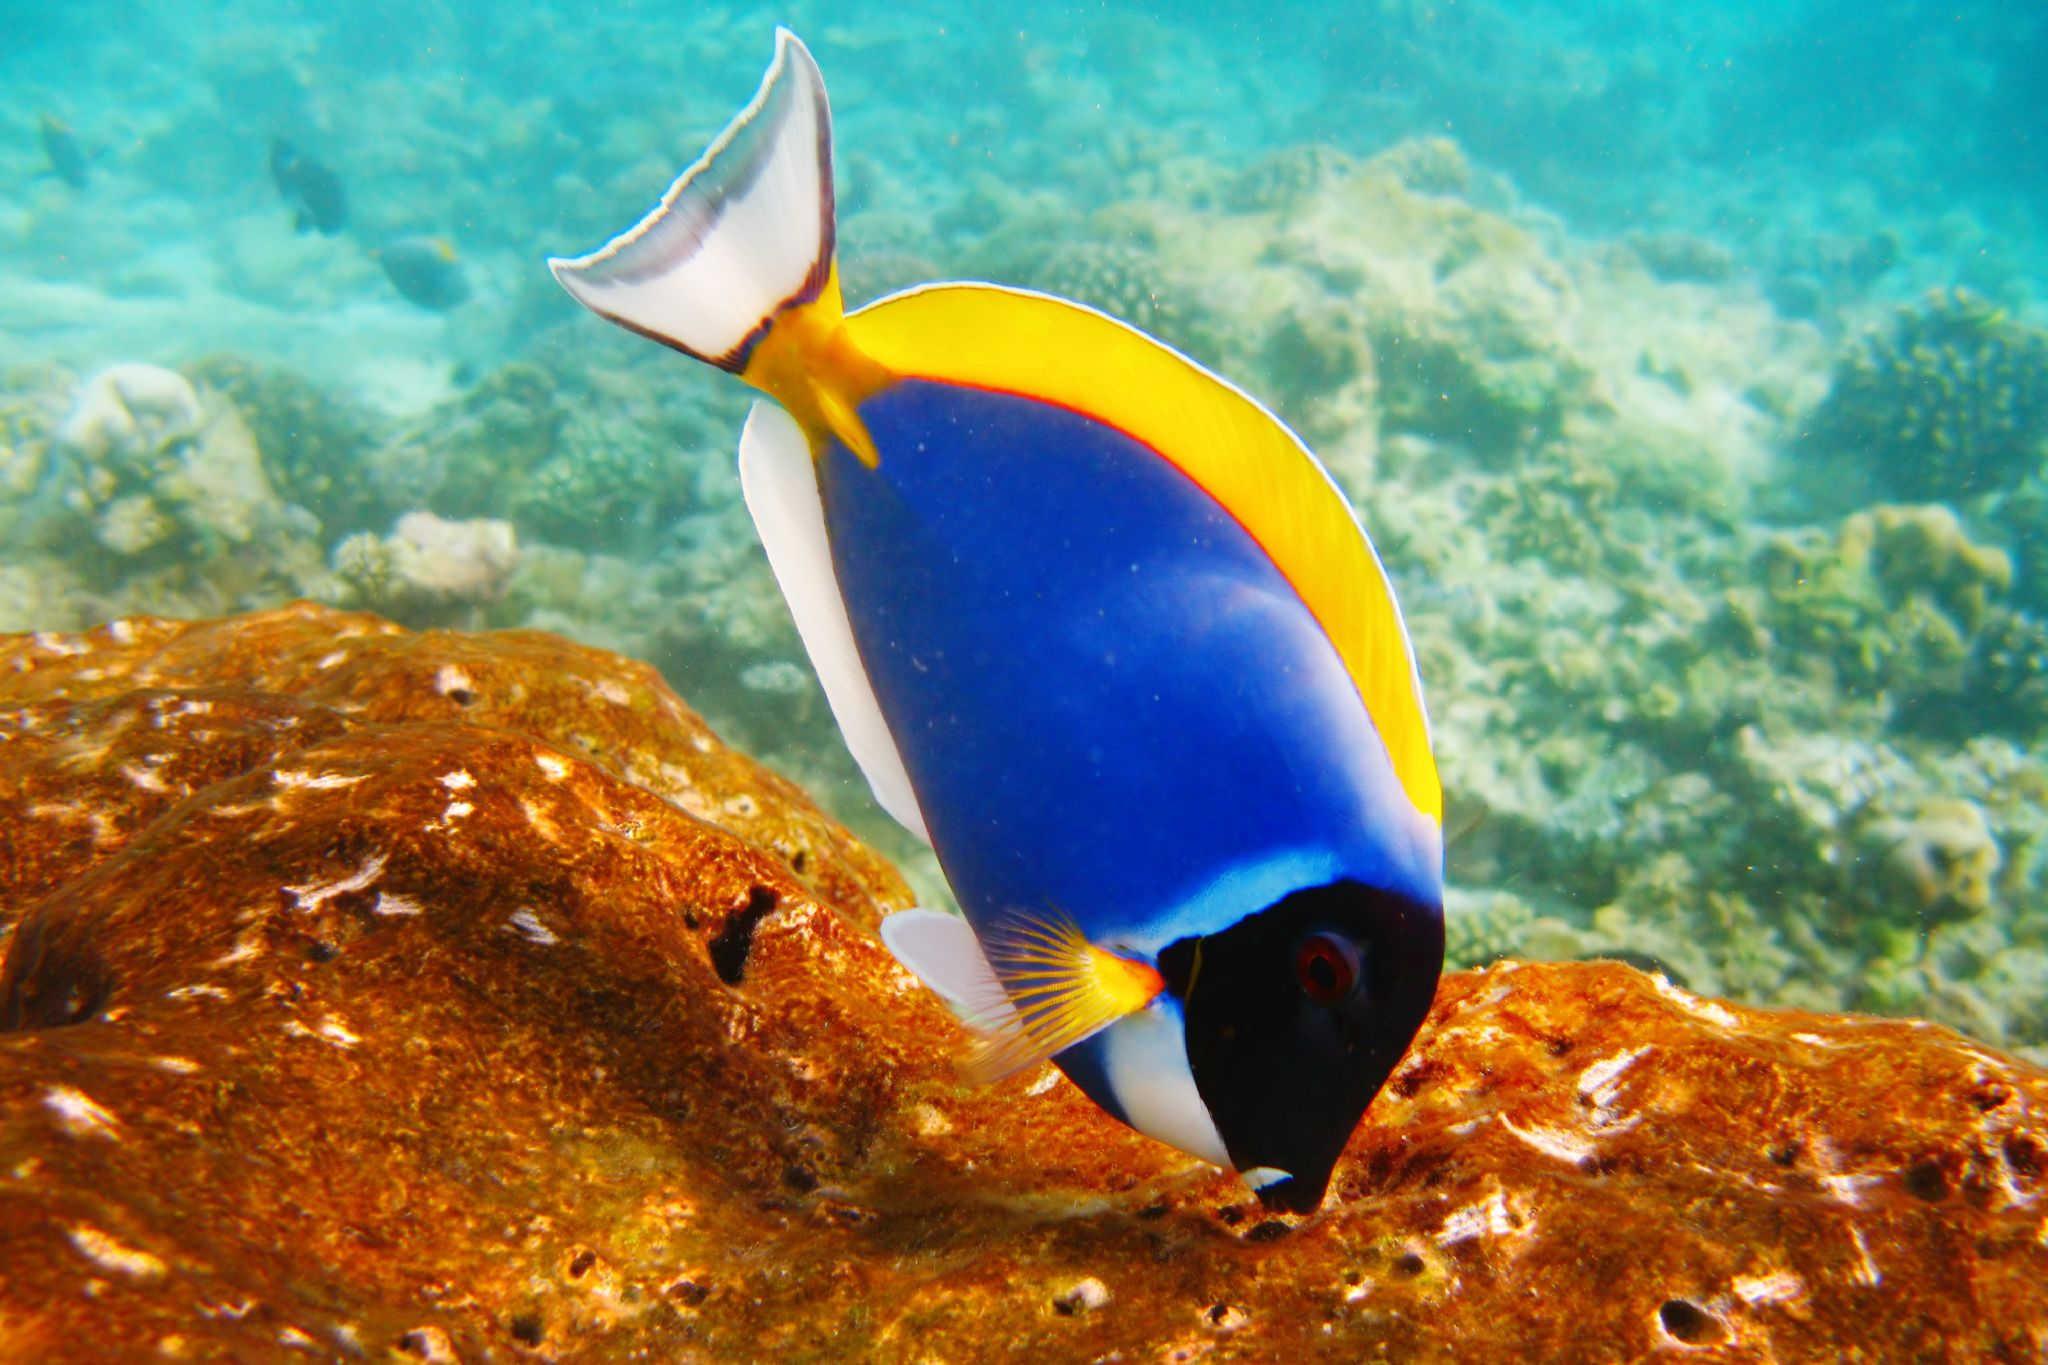 god has created fish